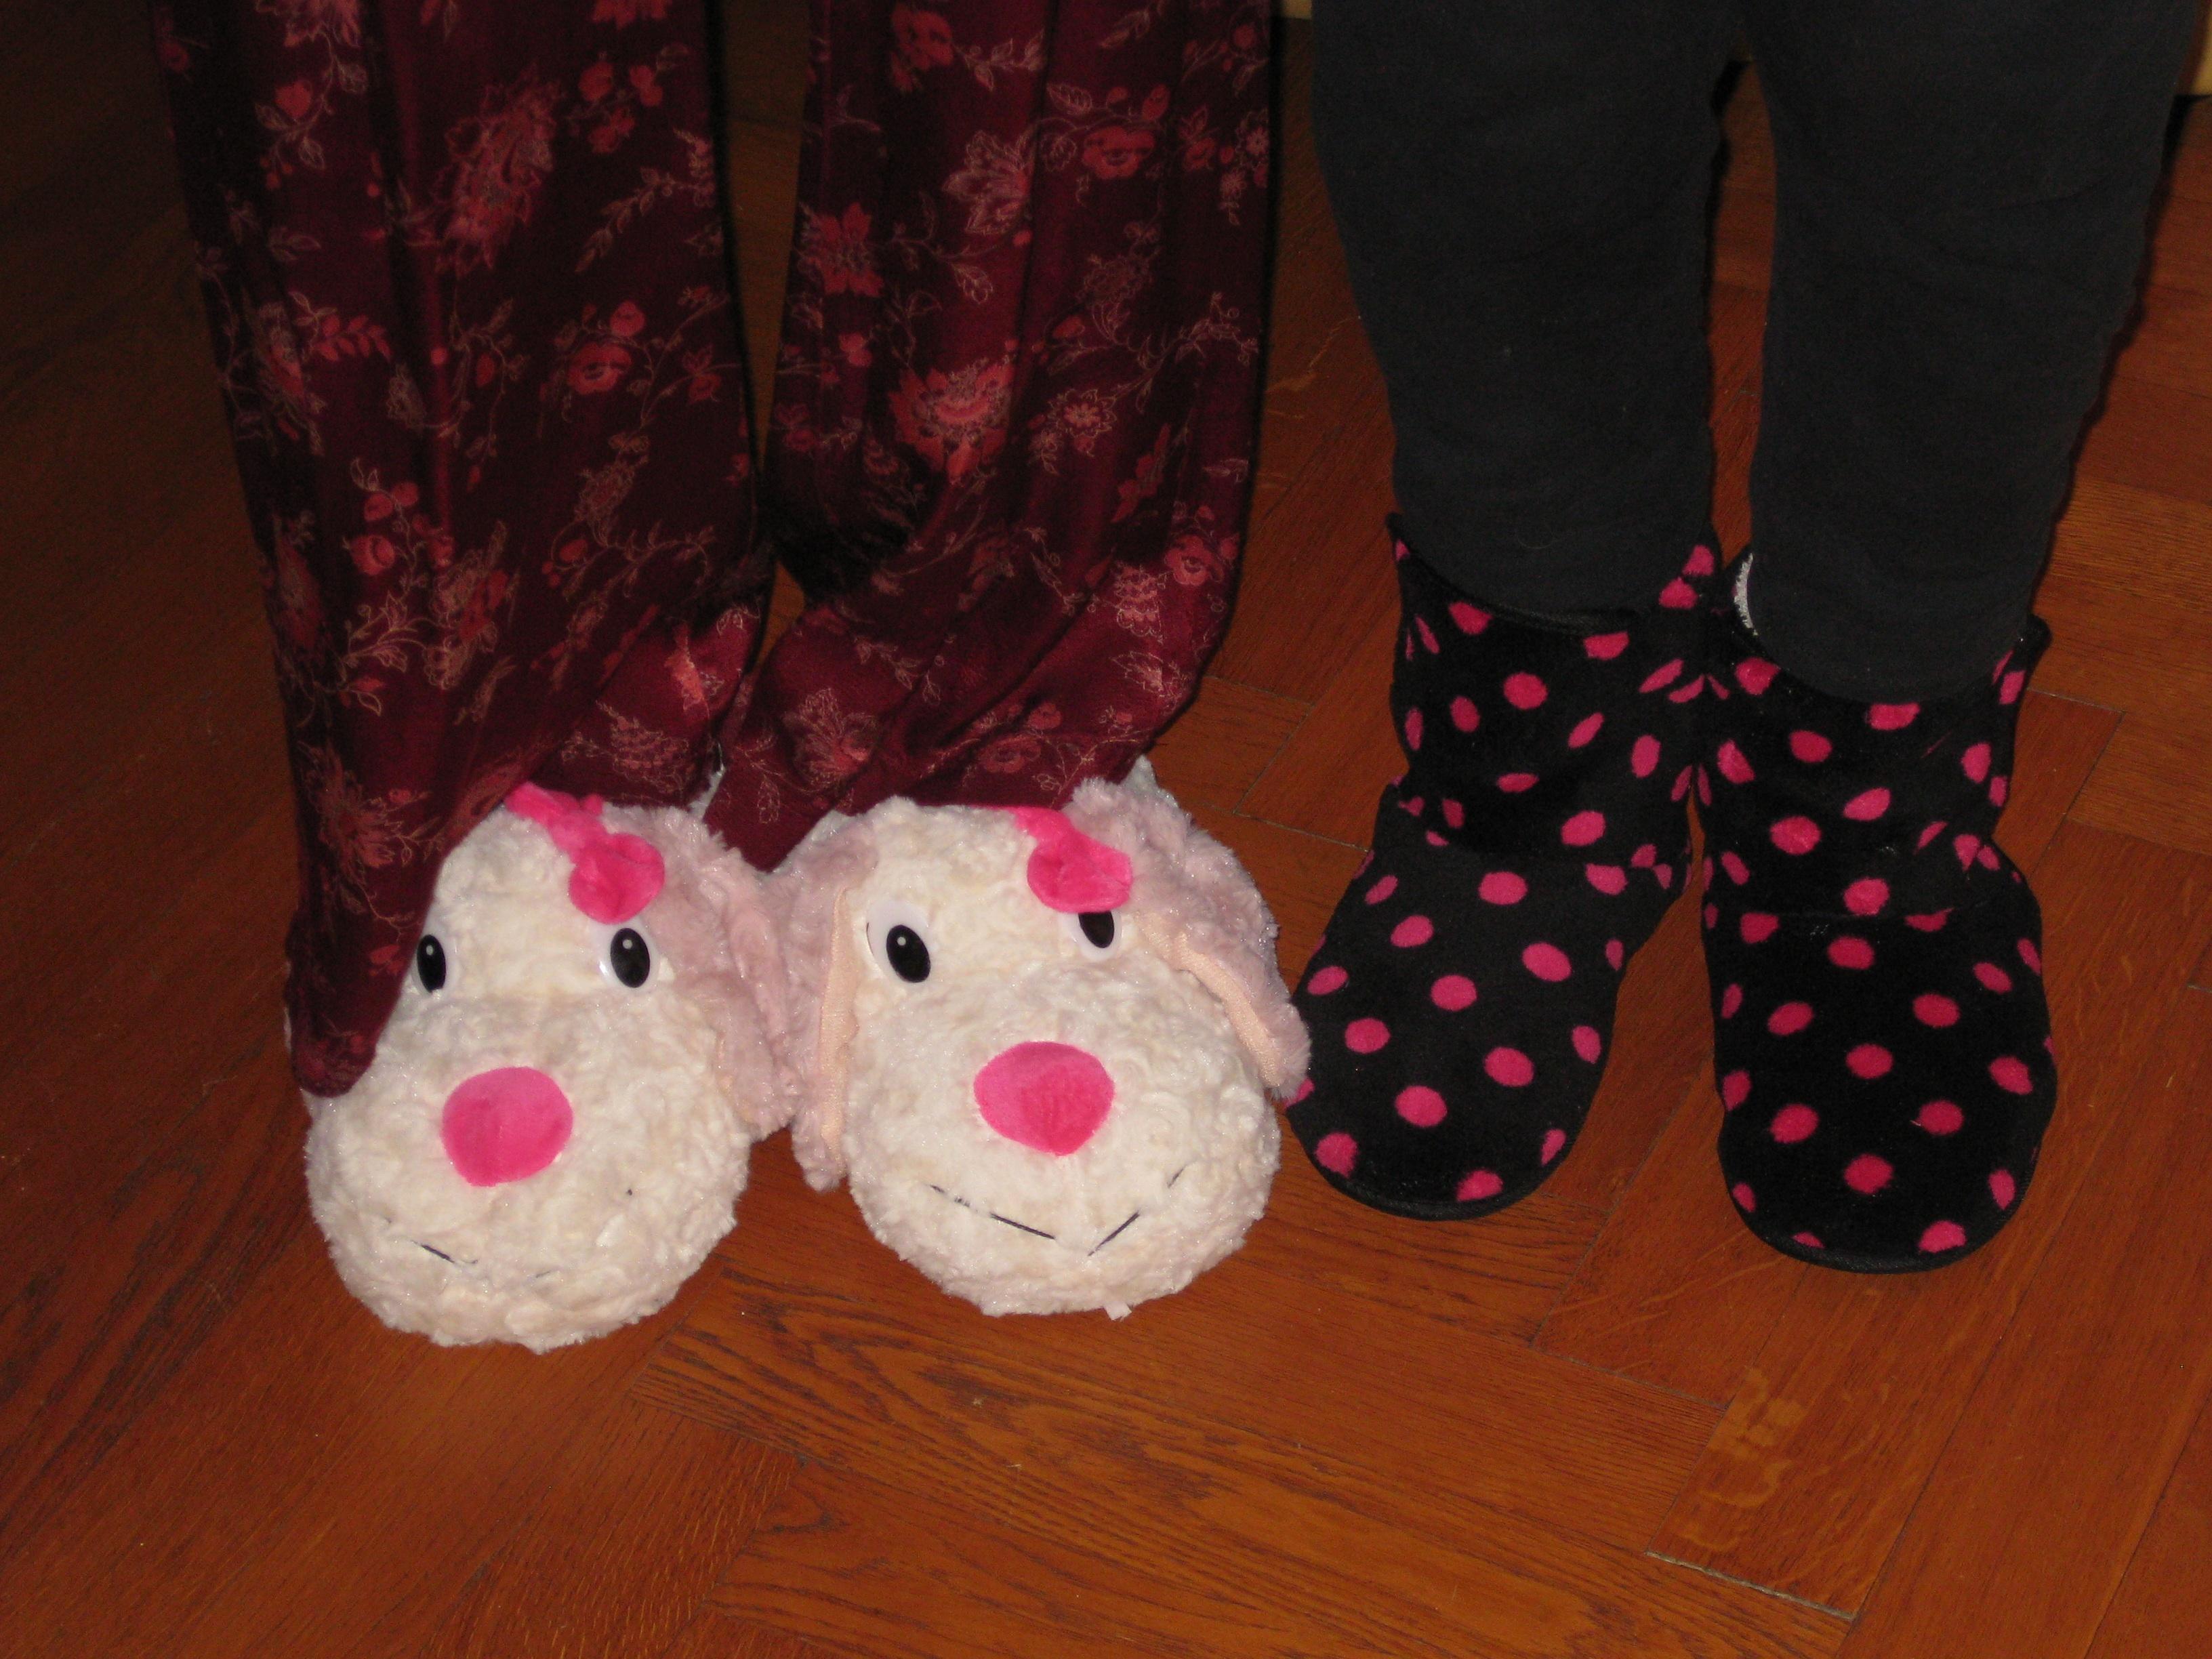 Kostenlose foto : Schuh, Bein, Muster, Rosa, Spielzeug, menschlicher ...